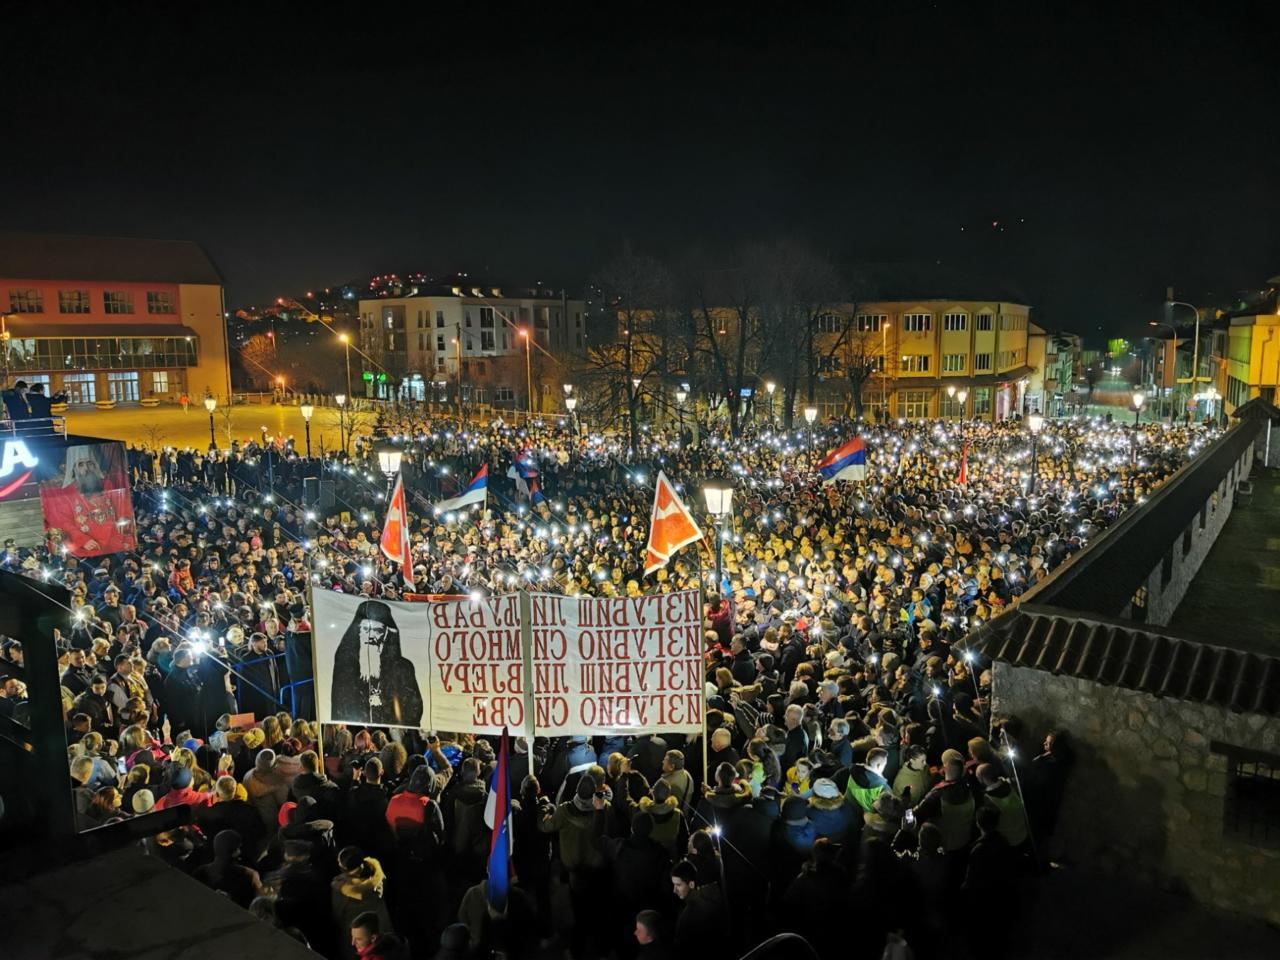 Литија у Пљевљима: Пошто је Скупштина владајуће већине застранила и отуђила се од свог народа ми смо сазвали ову народну скупштину, ову литију, која заседа, која ходи кроз све градове Црне Горе